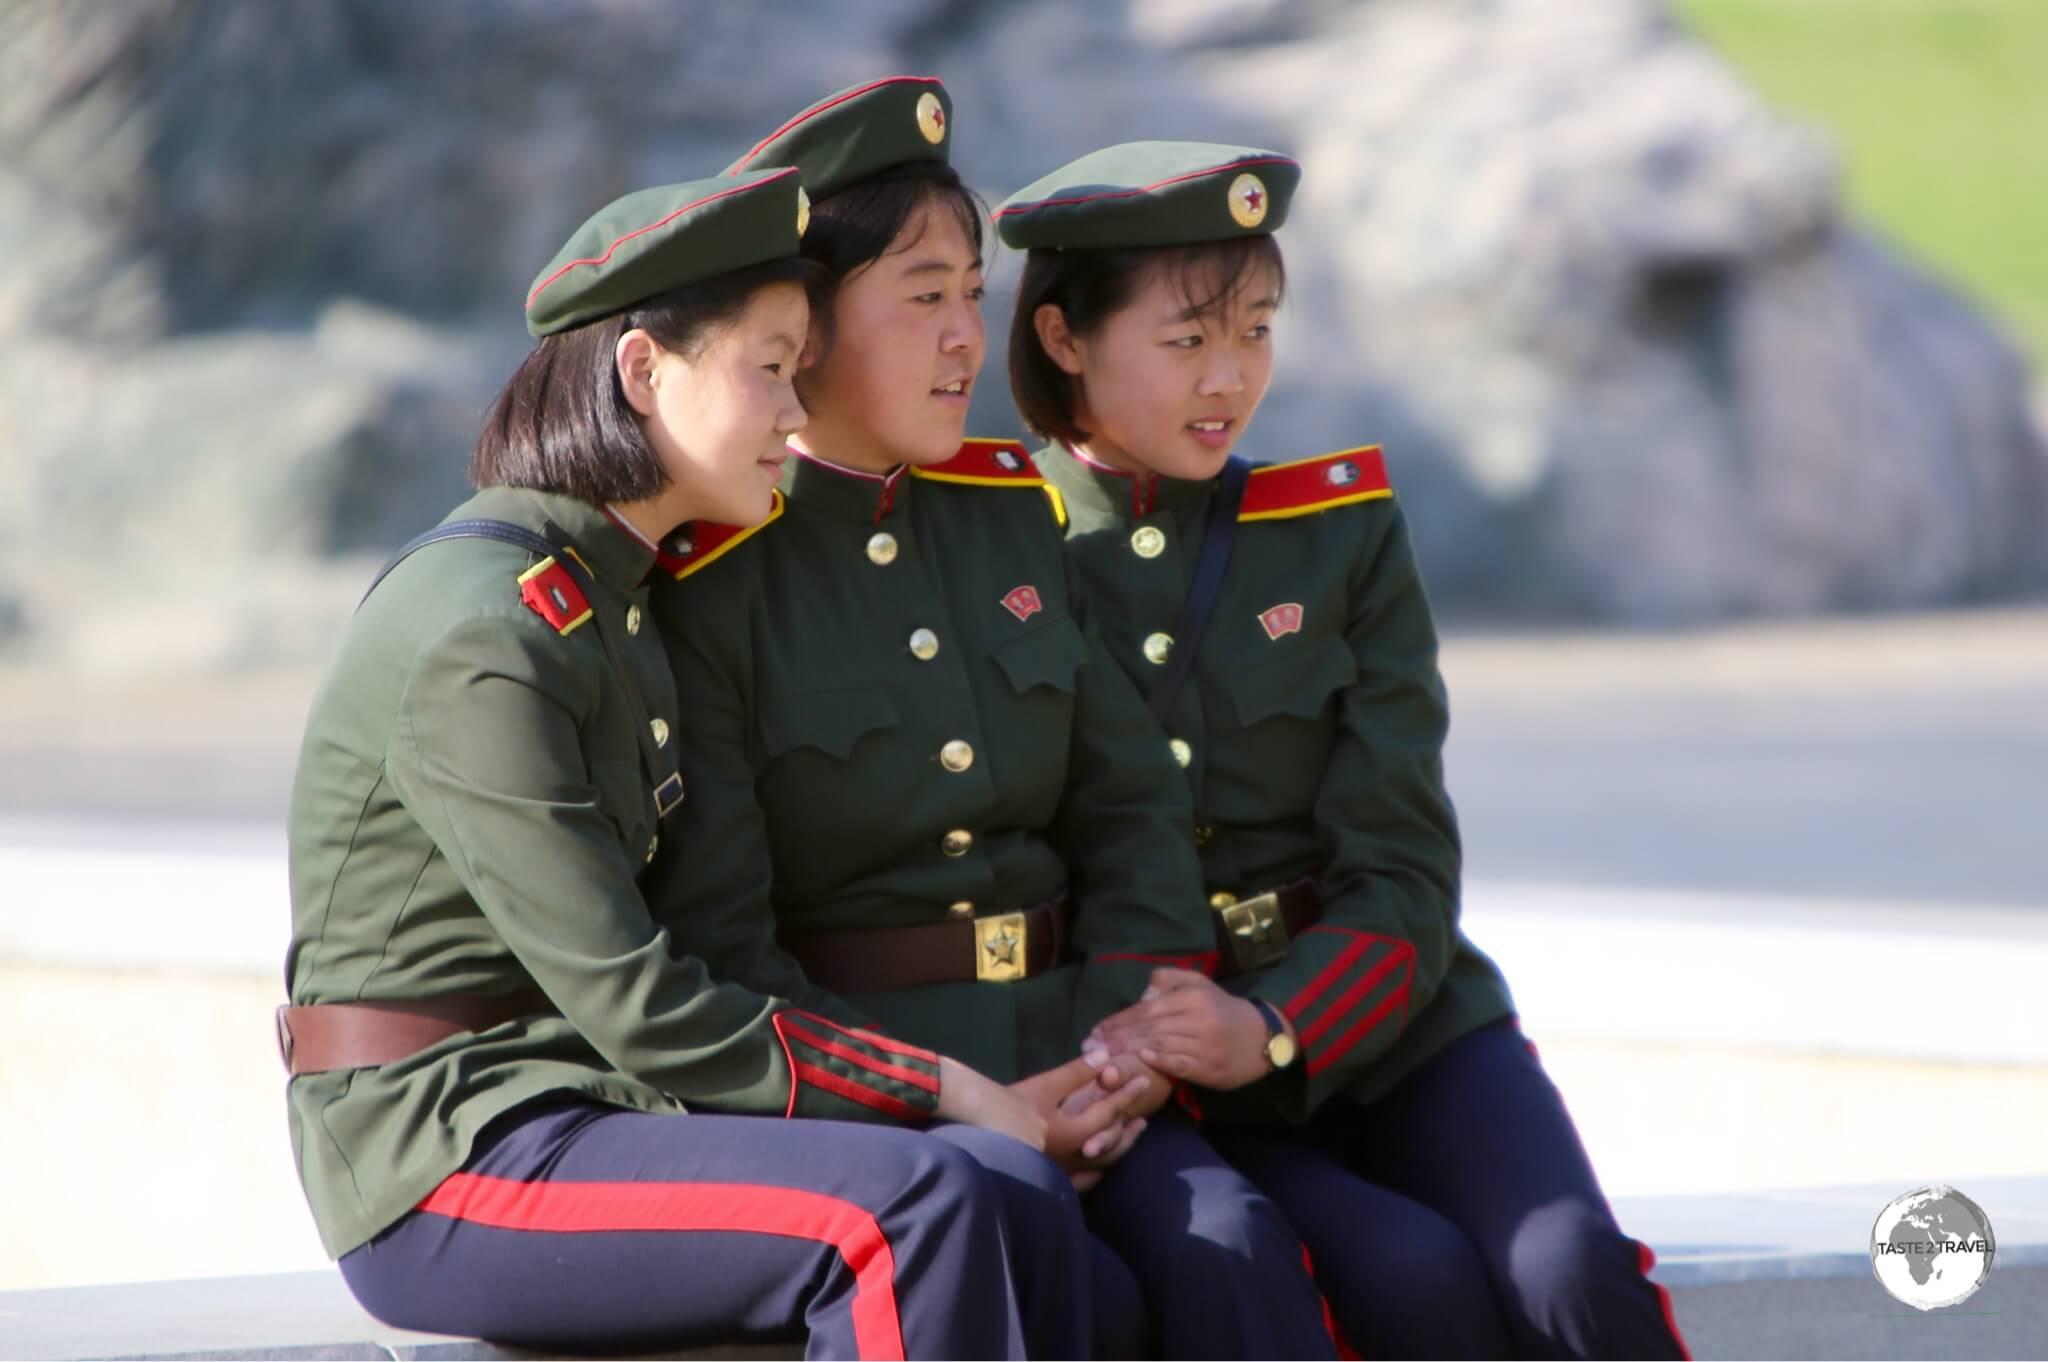 Young cadet girls enjoying the zoo.